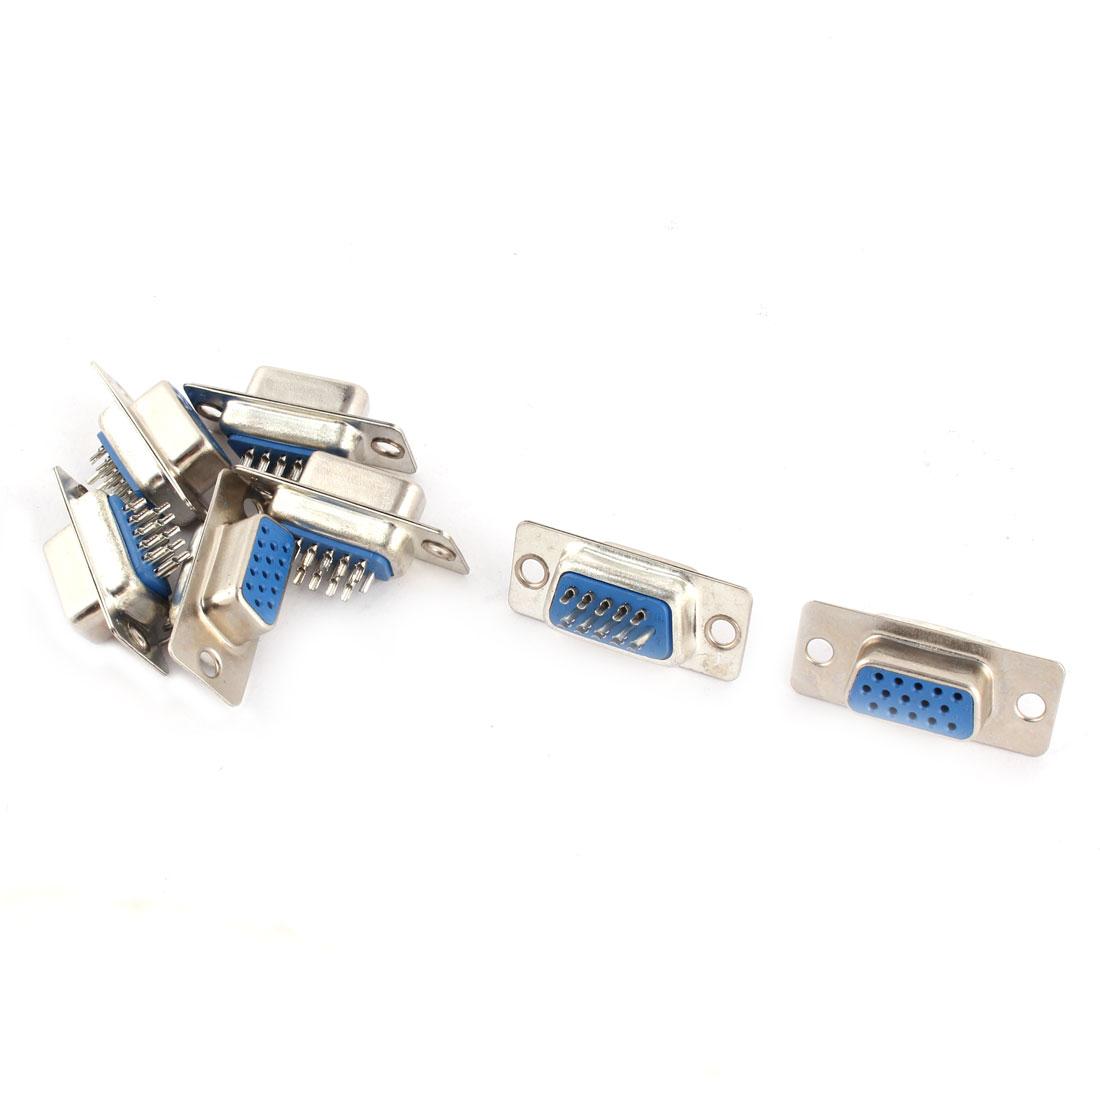 7pcs DB15 15 Pin Female Gender Changer Jack Adapter Solder Connectors